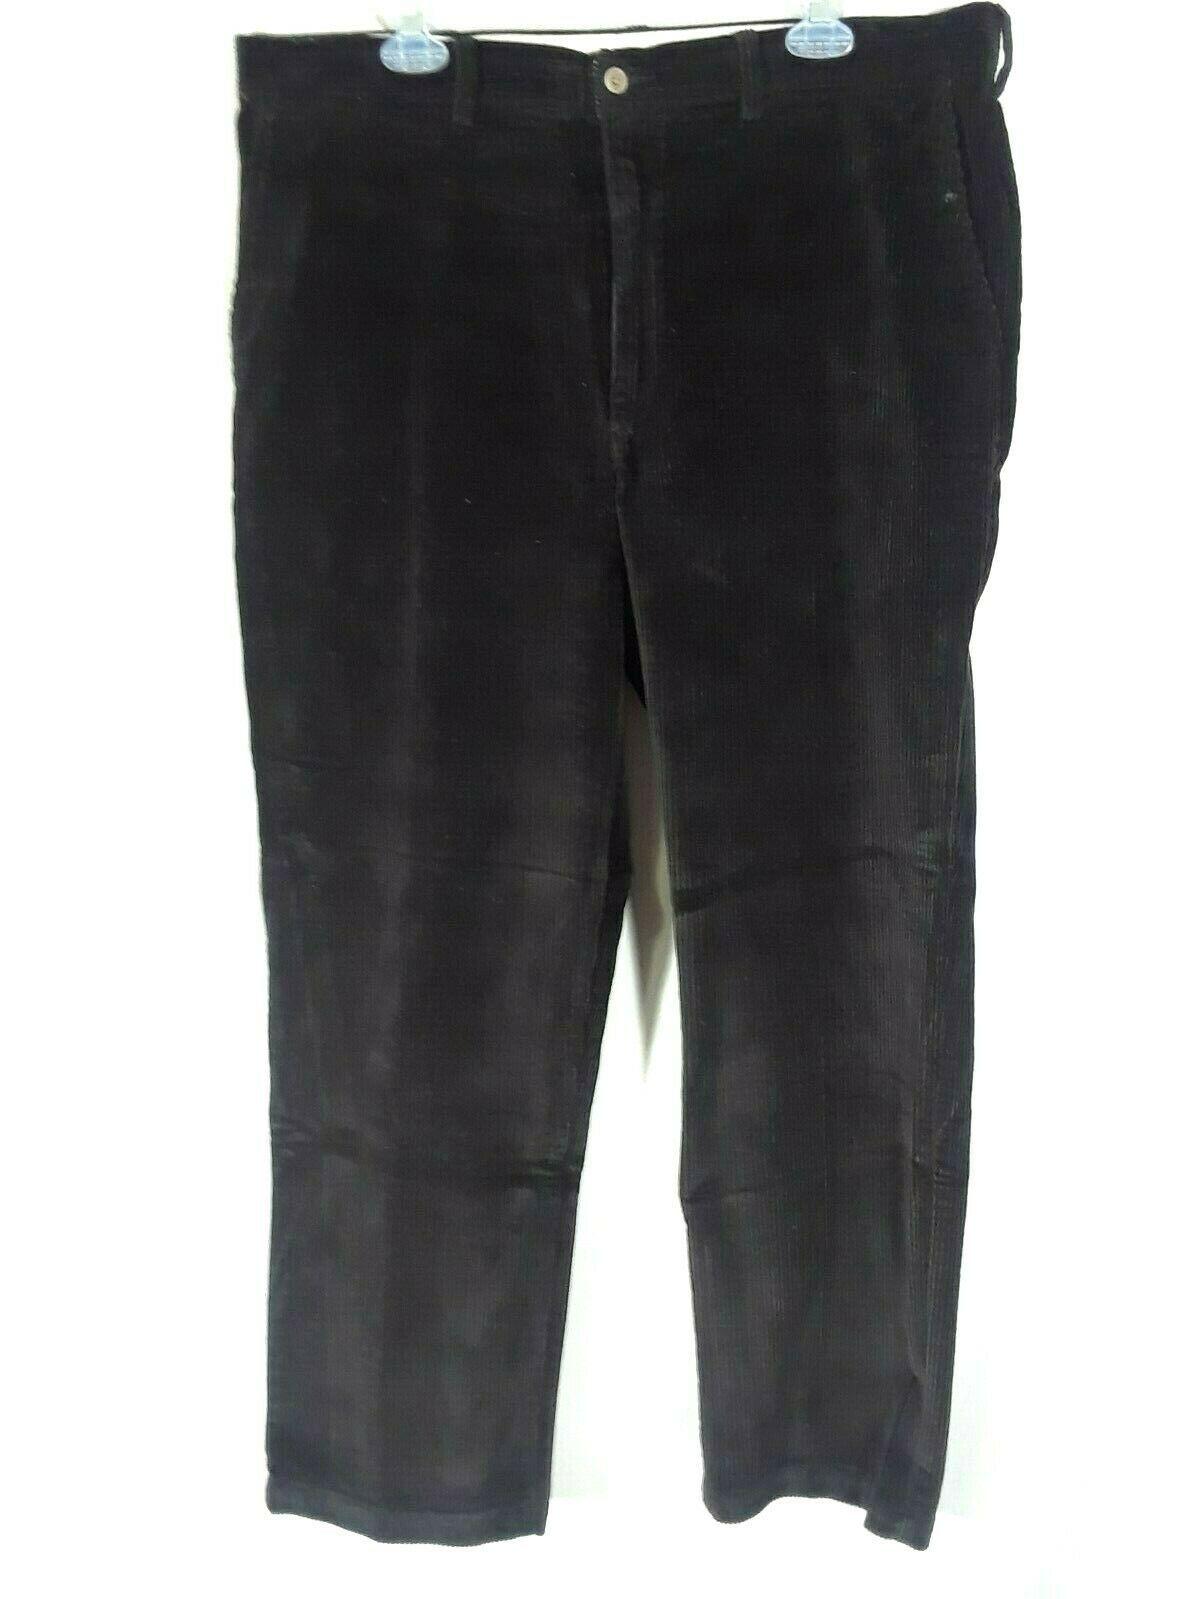 Savane Quality Mens Pants Black Corduroy 38/30 (Z)